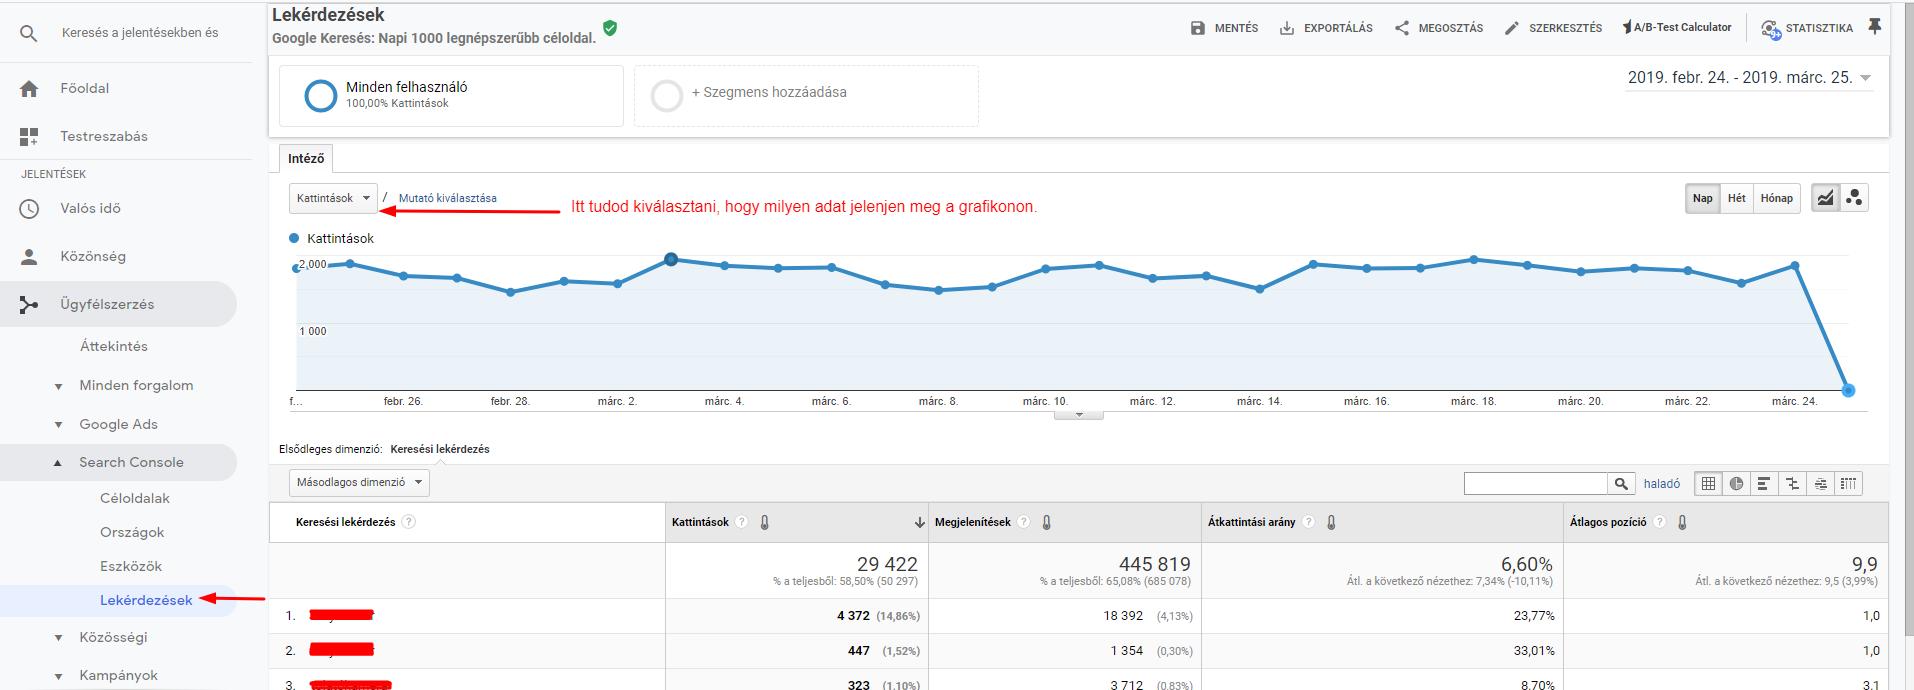 A Florida 2 frissítés hatásának ellenőrzése saját Google Analytics fiókunkban